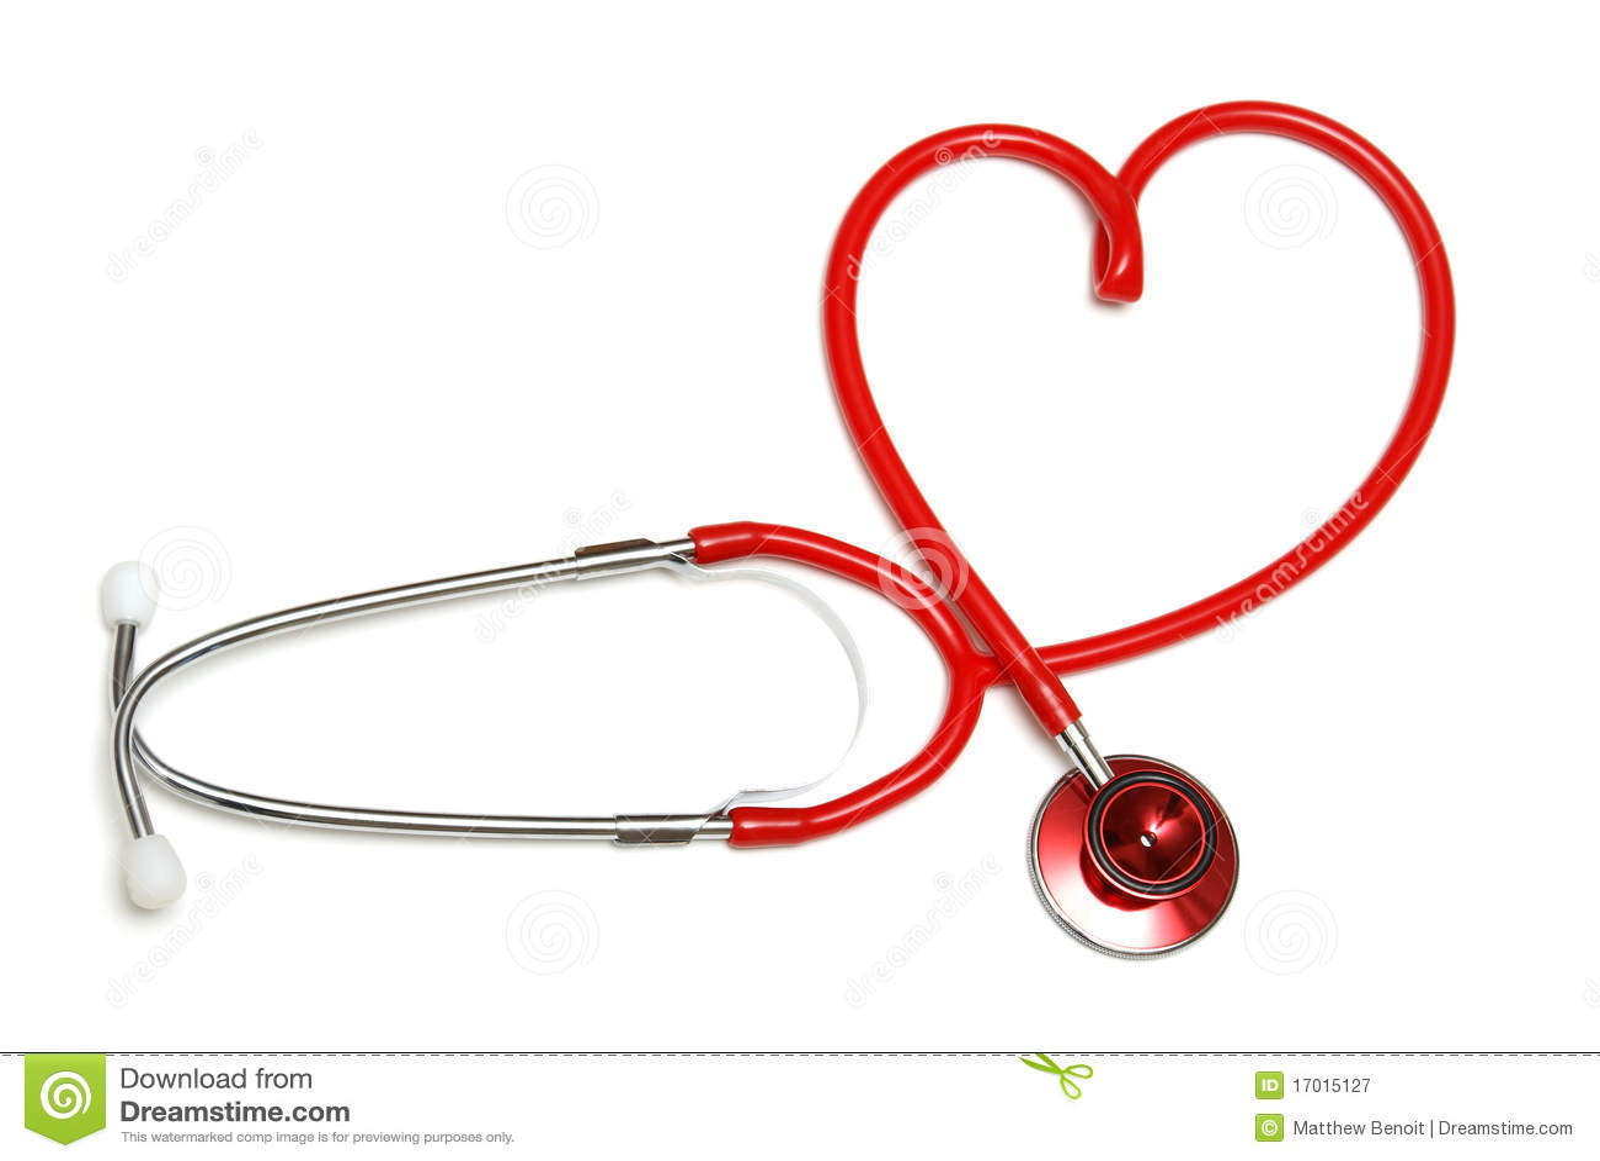 Estetoscopio En Forma De Corazón Imagen De Archivo